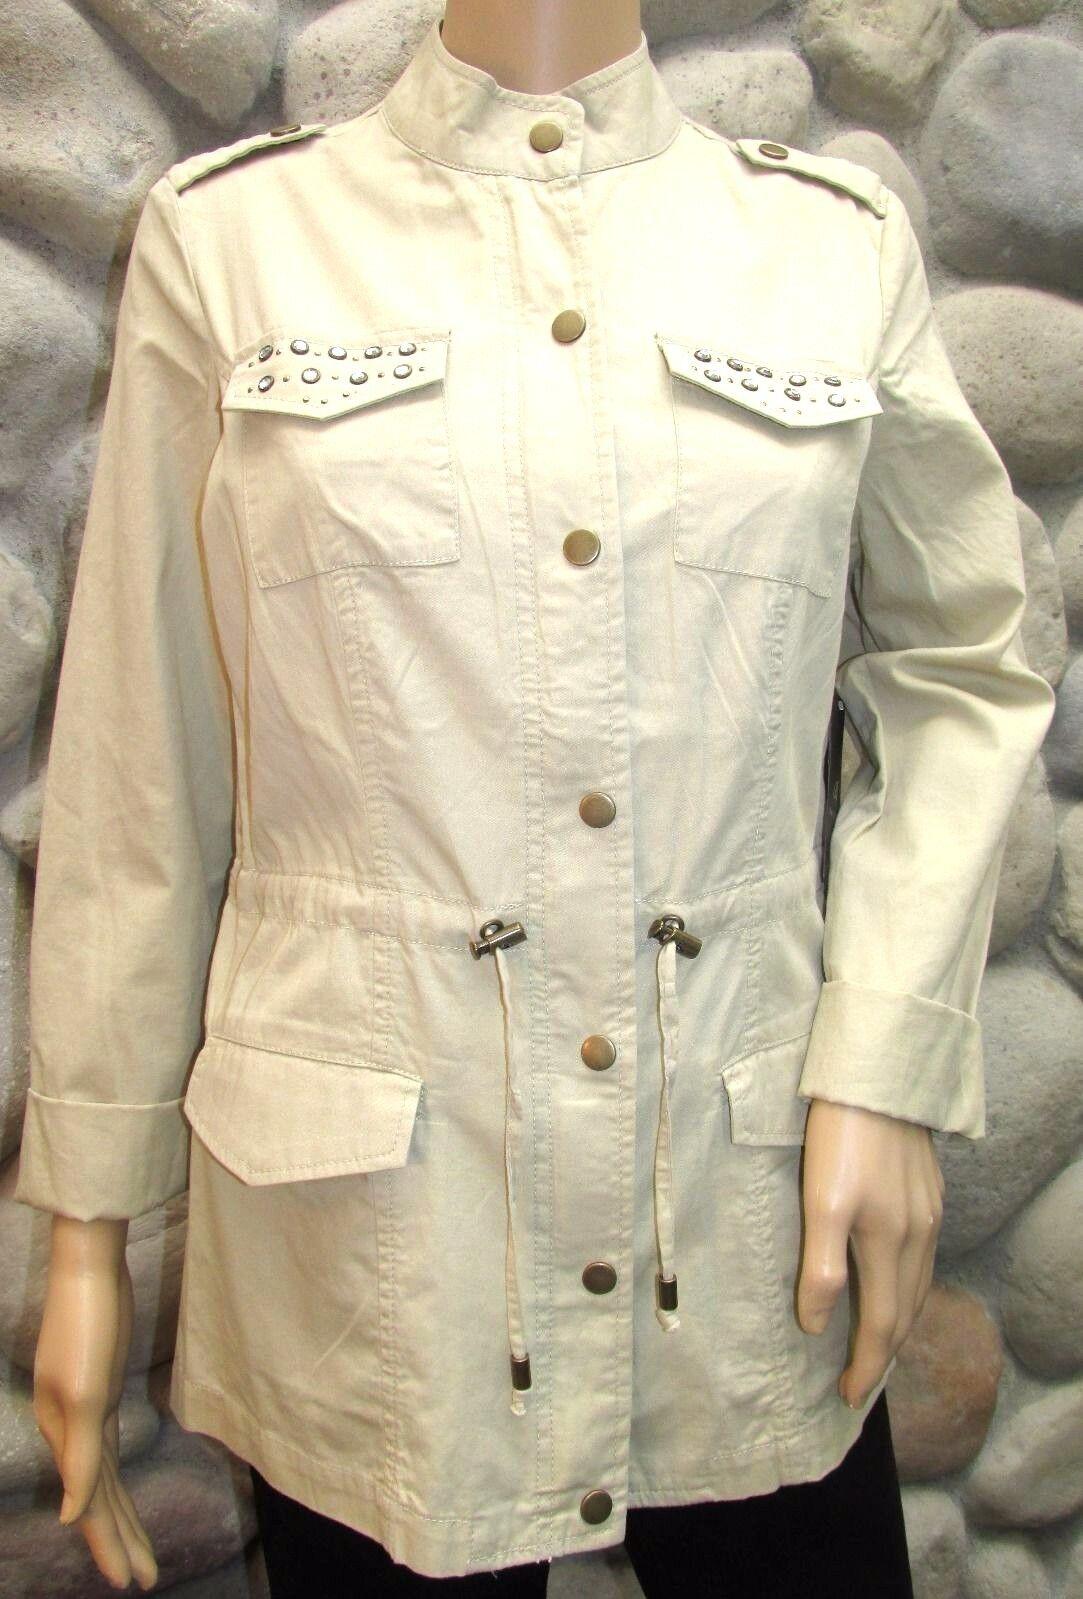 NWT Women's Baccini Khaki Embellished Lightweight Jacket Size S